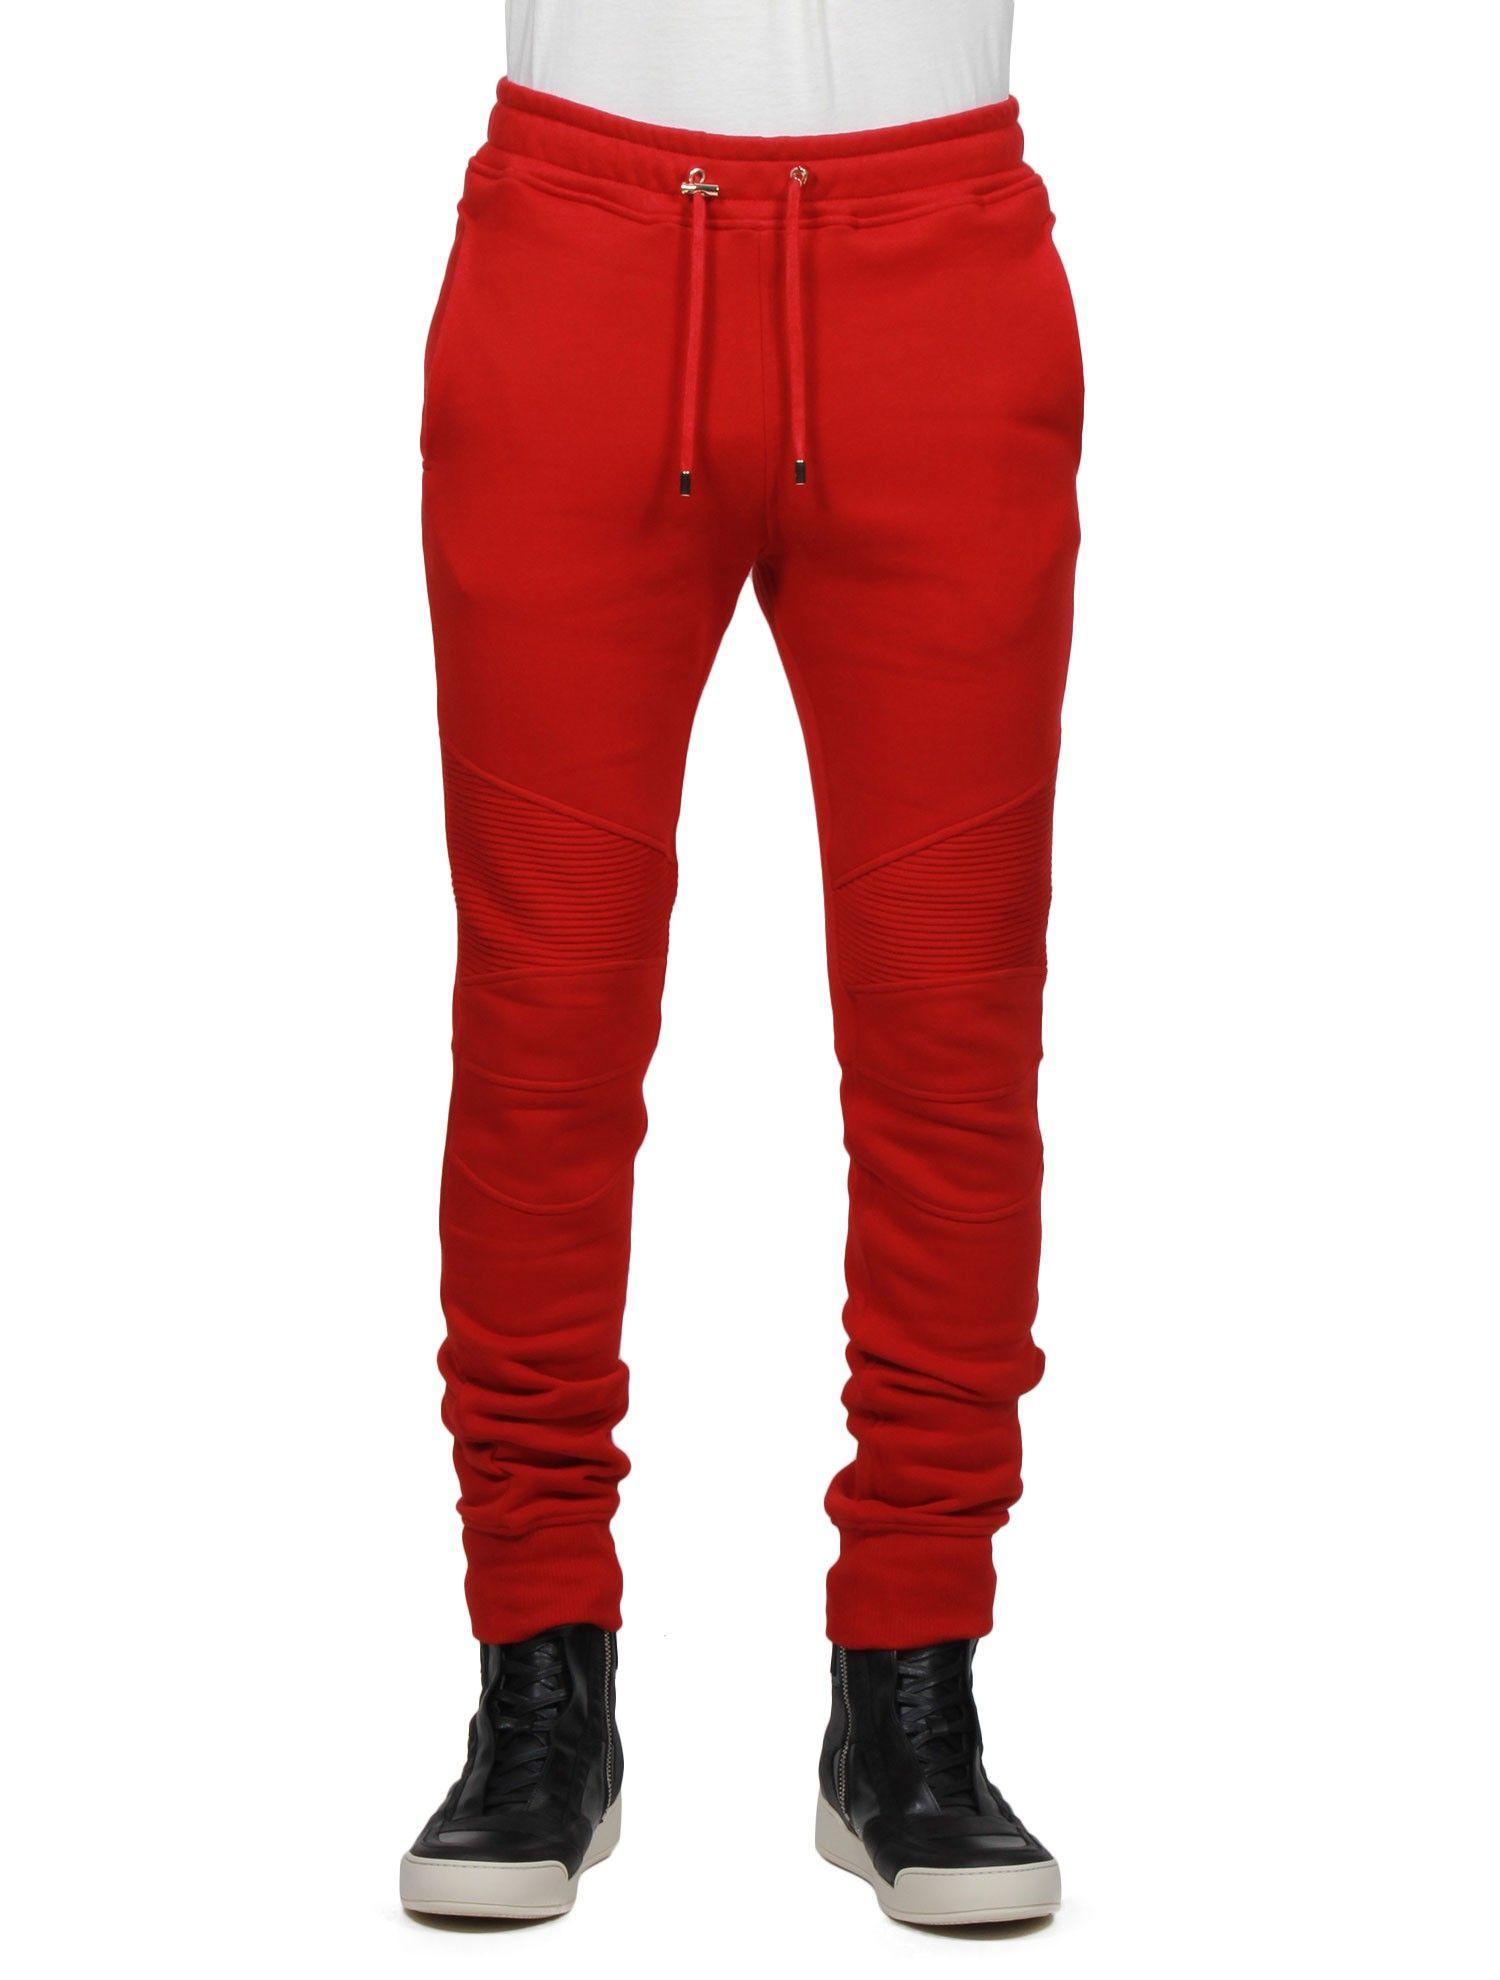 Jeans balmain homme rouge